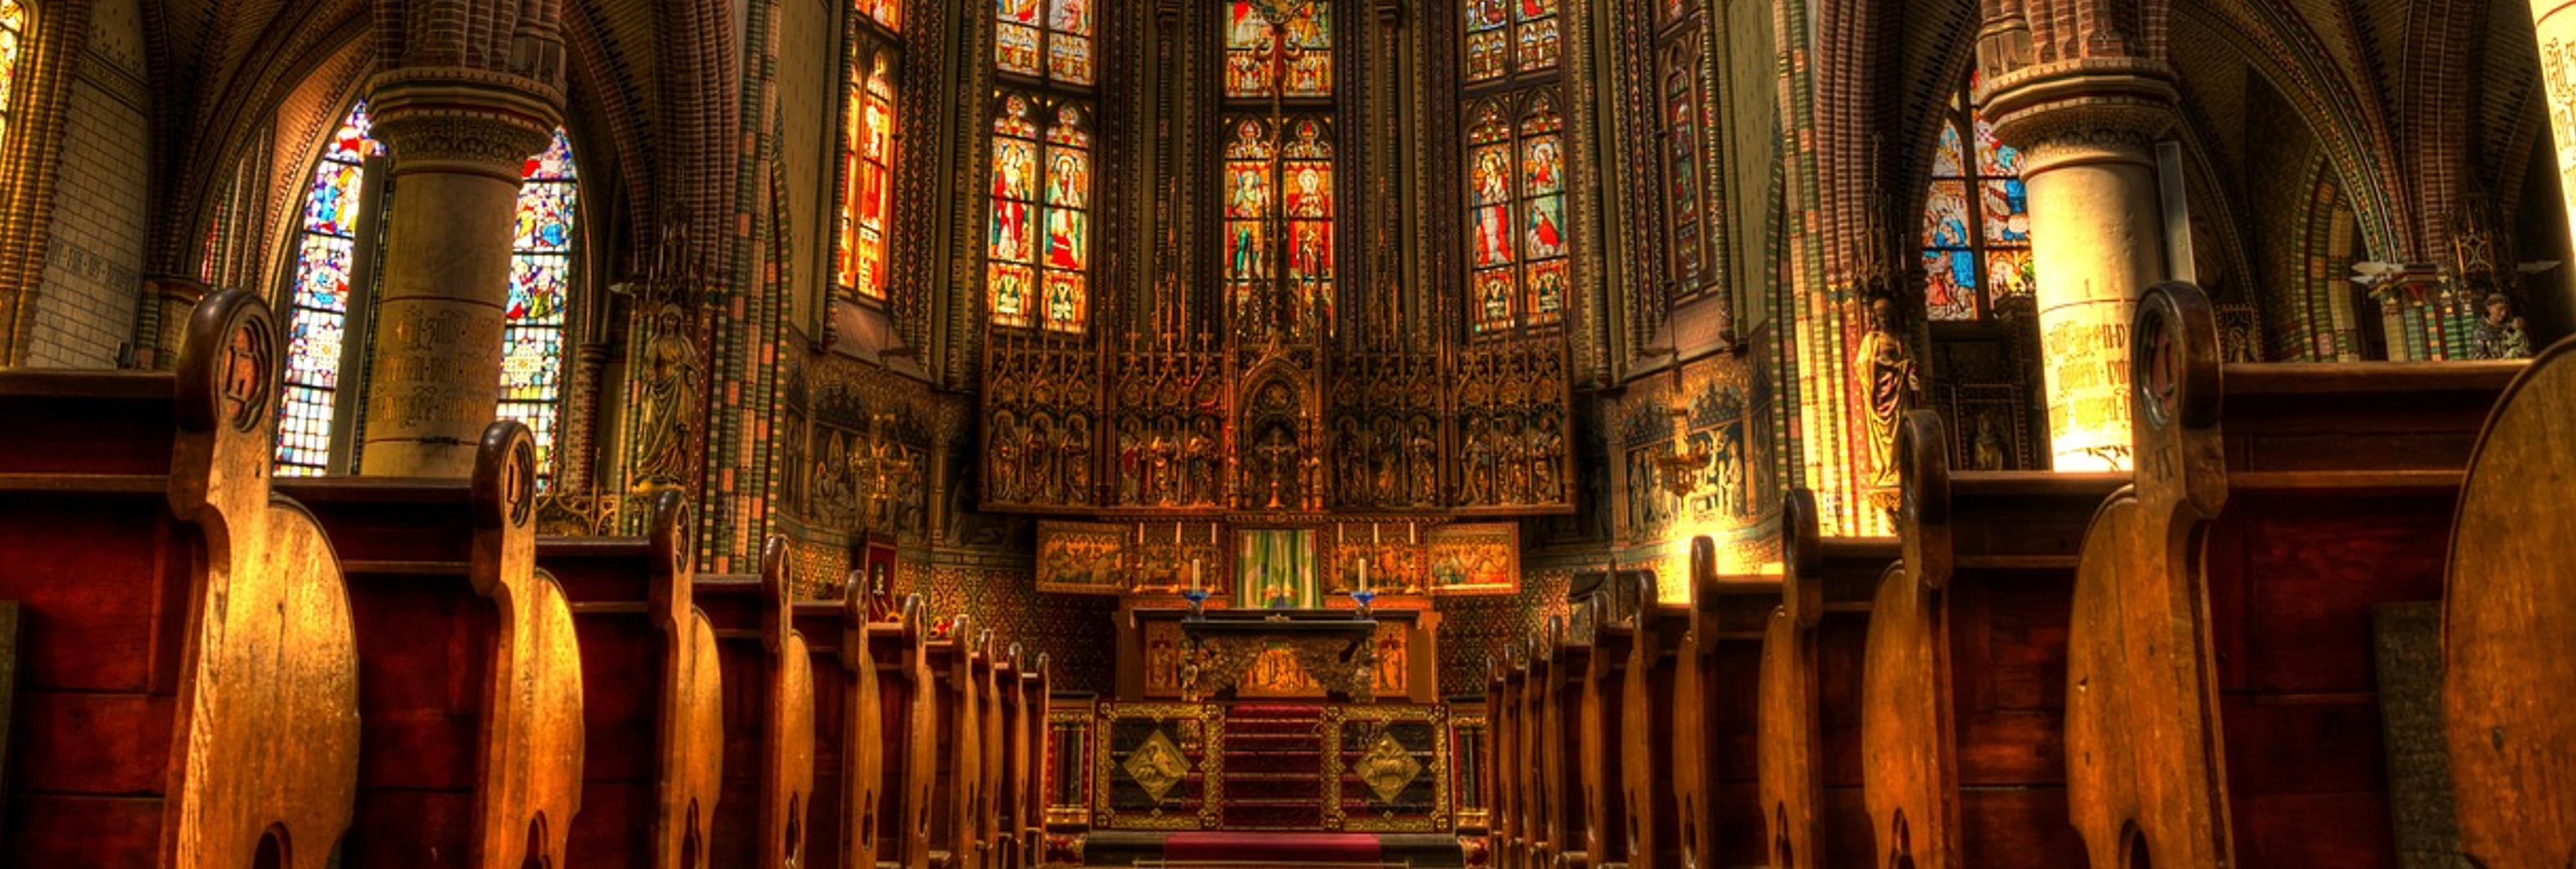 El Vaticano crea Sindr, el Tindr de los católicos